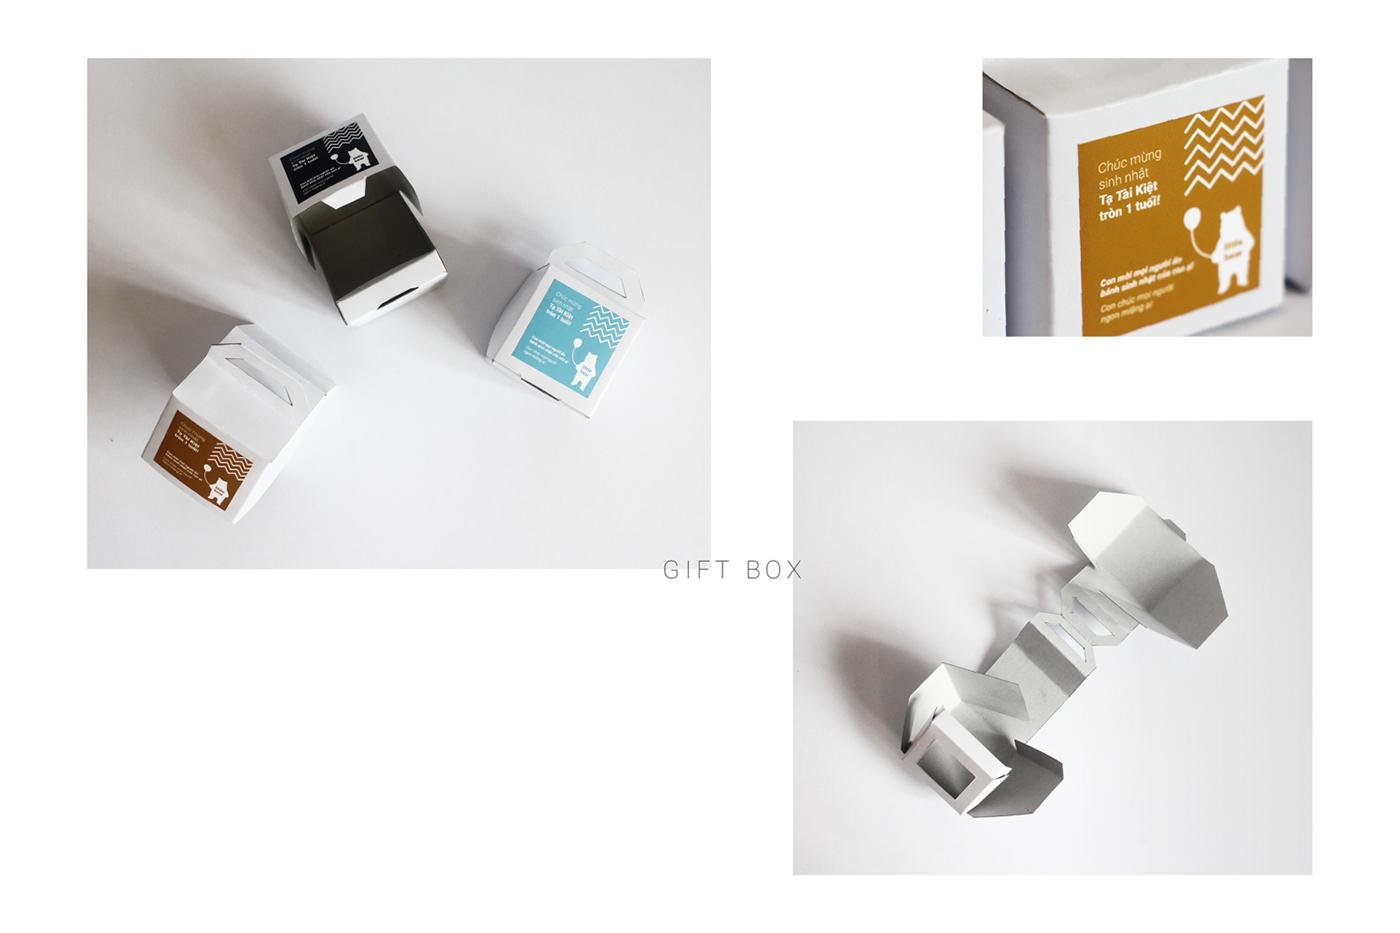 Design Studi- Online, Design Studio Online, DS-O, DSO, dsovn, design studio, studio online, design, studio, dịch vụ thiết kế đồ họa chuyên nghiệp, dịch vụ graphic design, dịch vụ design, dịch vụ tư vấn định hướng hình ảnh chuyên nghiệp, dịch vụ thiết kế ấn phẩm sự kiện, dịch vụ thiết kế gian hàng triển lãm, dịch vụ thiết kế ấn phẩm in ấn, dịch vụ thiết kế print ad dịch vụ chụp ảnh sản phẩm, dịch vụ tư vấn in ấn, dịch vụ in ấn.